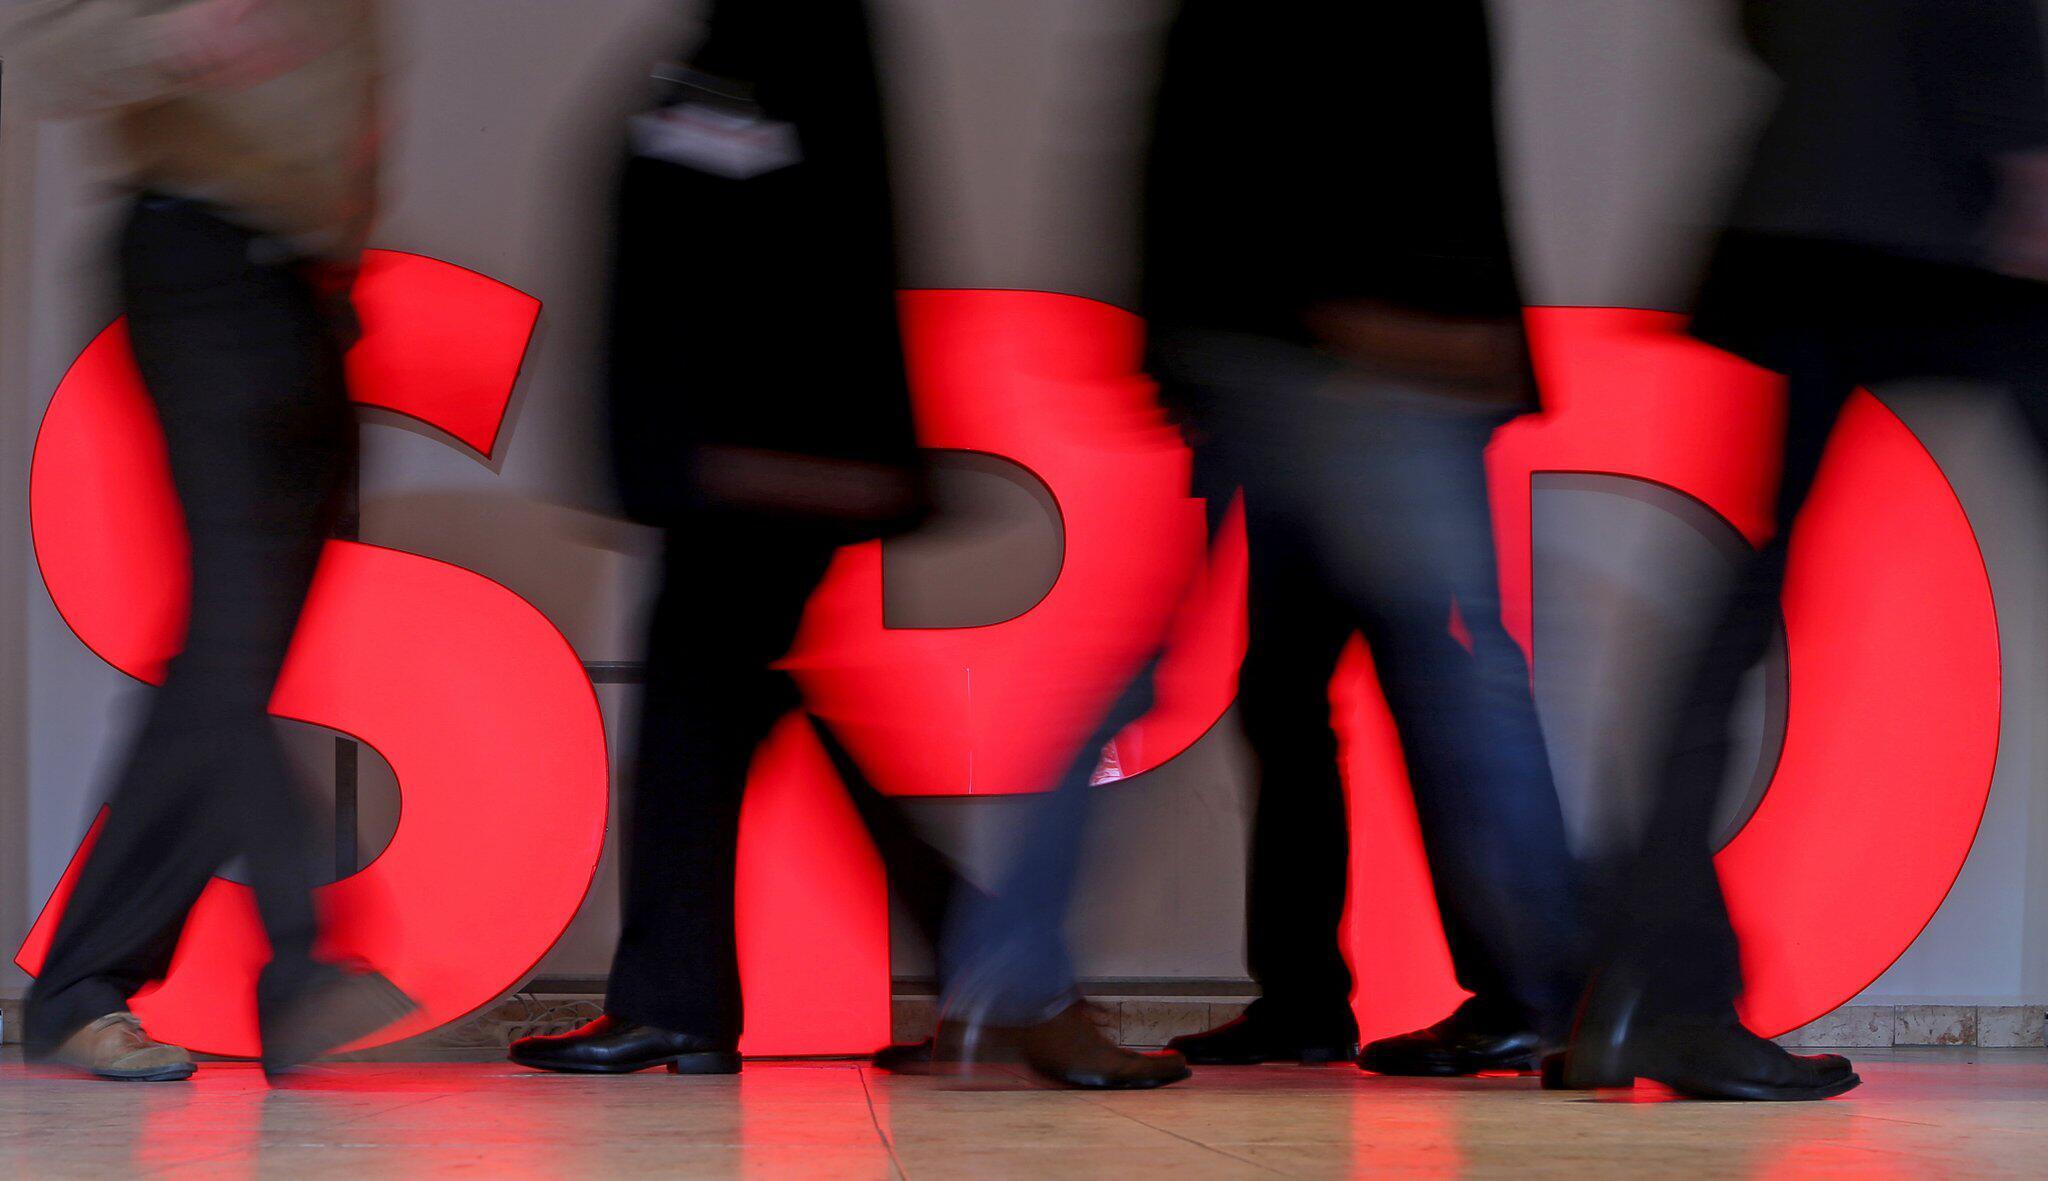 Bild zu SPD, Partei, Voristz